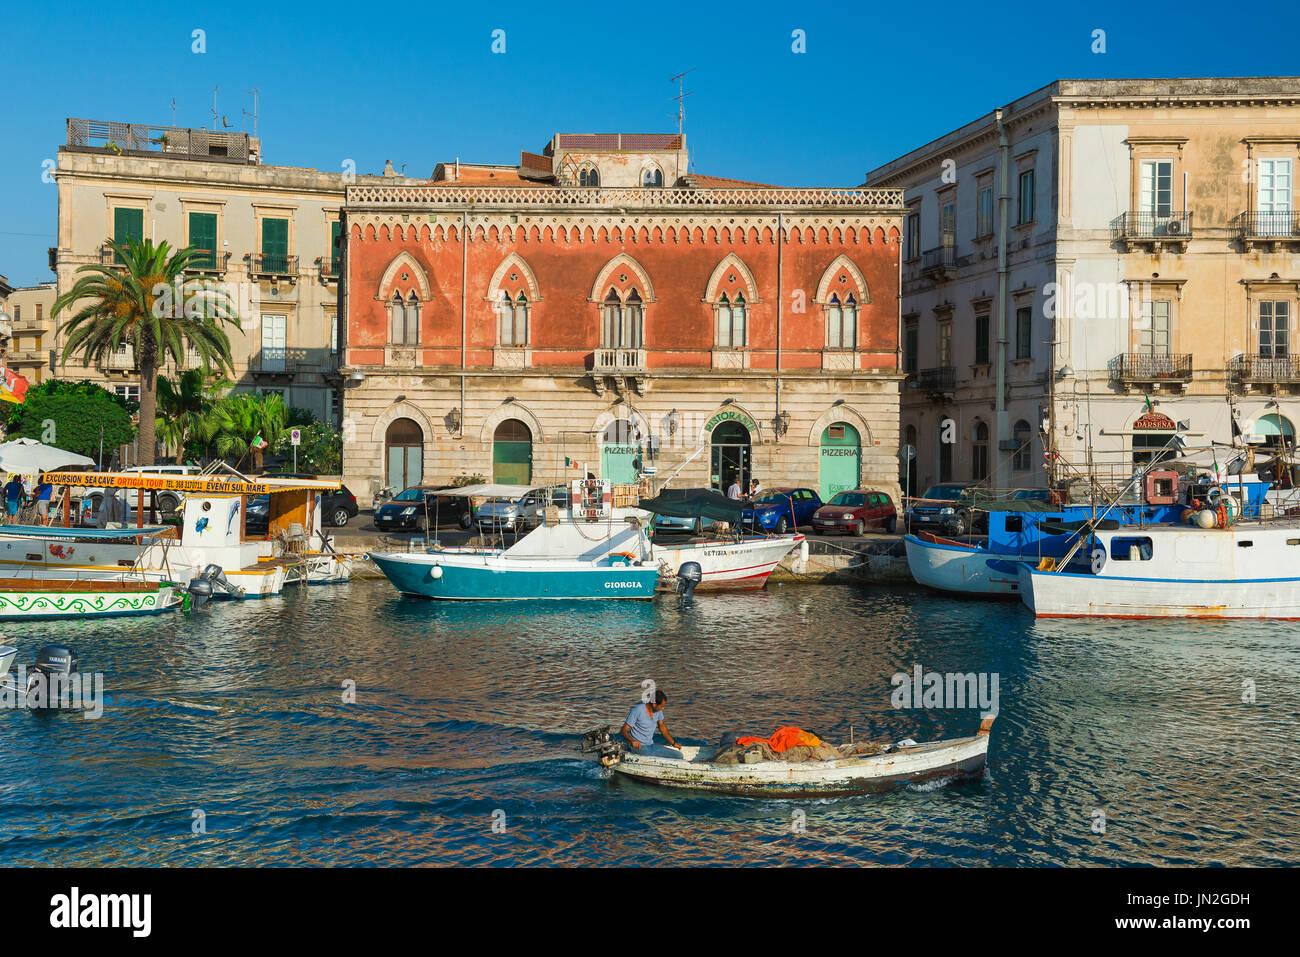 Sicilia barco de pesca, un pescador dirige su esquife junto la Darsena canal que separa la ciudad de Siracusa (Sicilia), la isla de Ortigia. Imagen De Stock